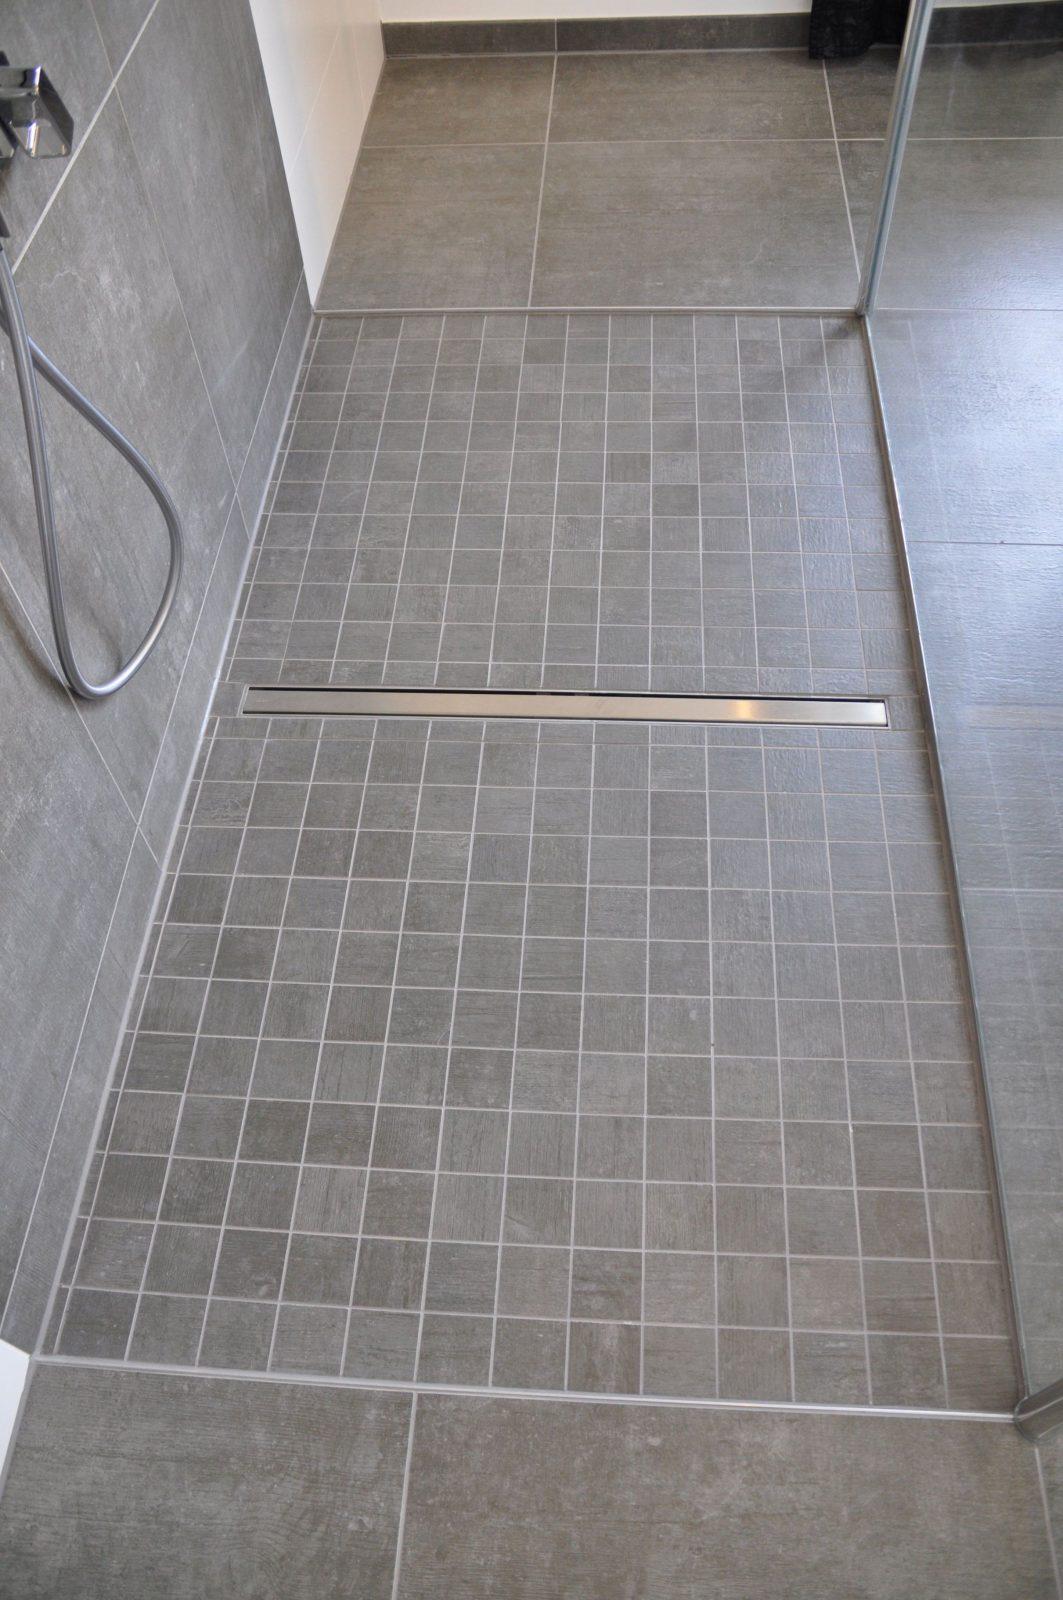 Dusche Grose Fliesen Mit Bodenebene Dusche Mit Mosaik Villeroy Boch von Mosaik Fliesen Für Dusche Photo